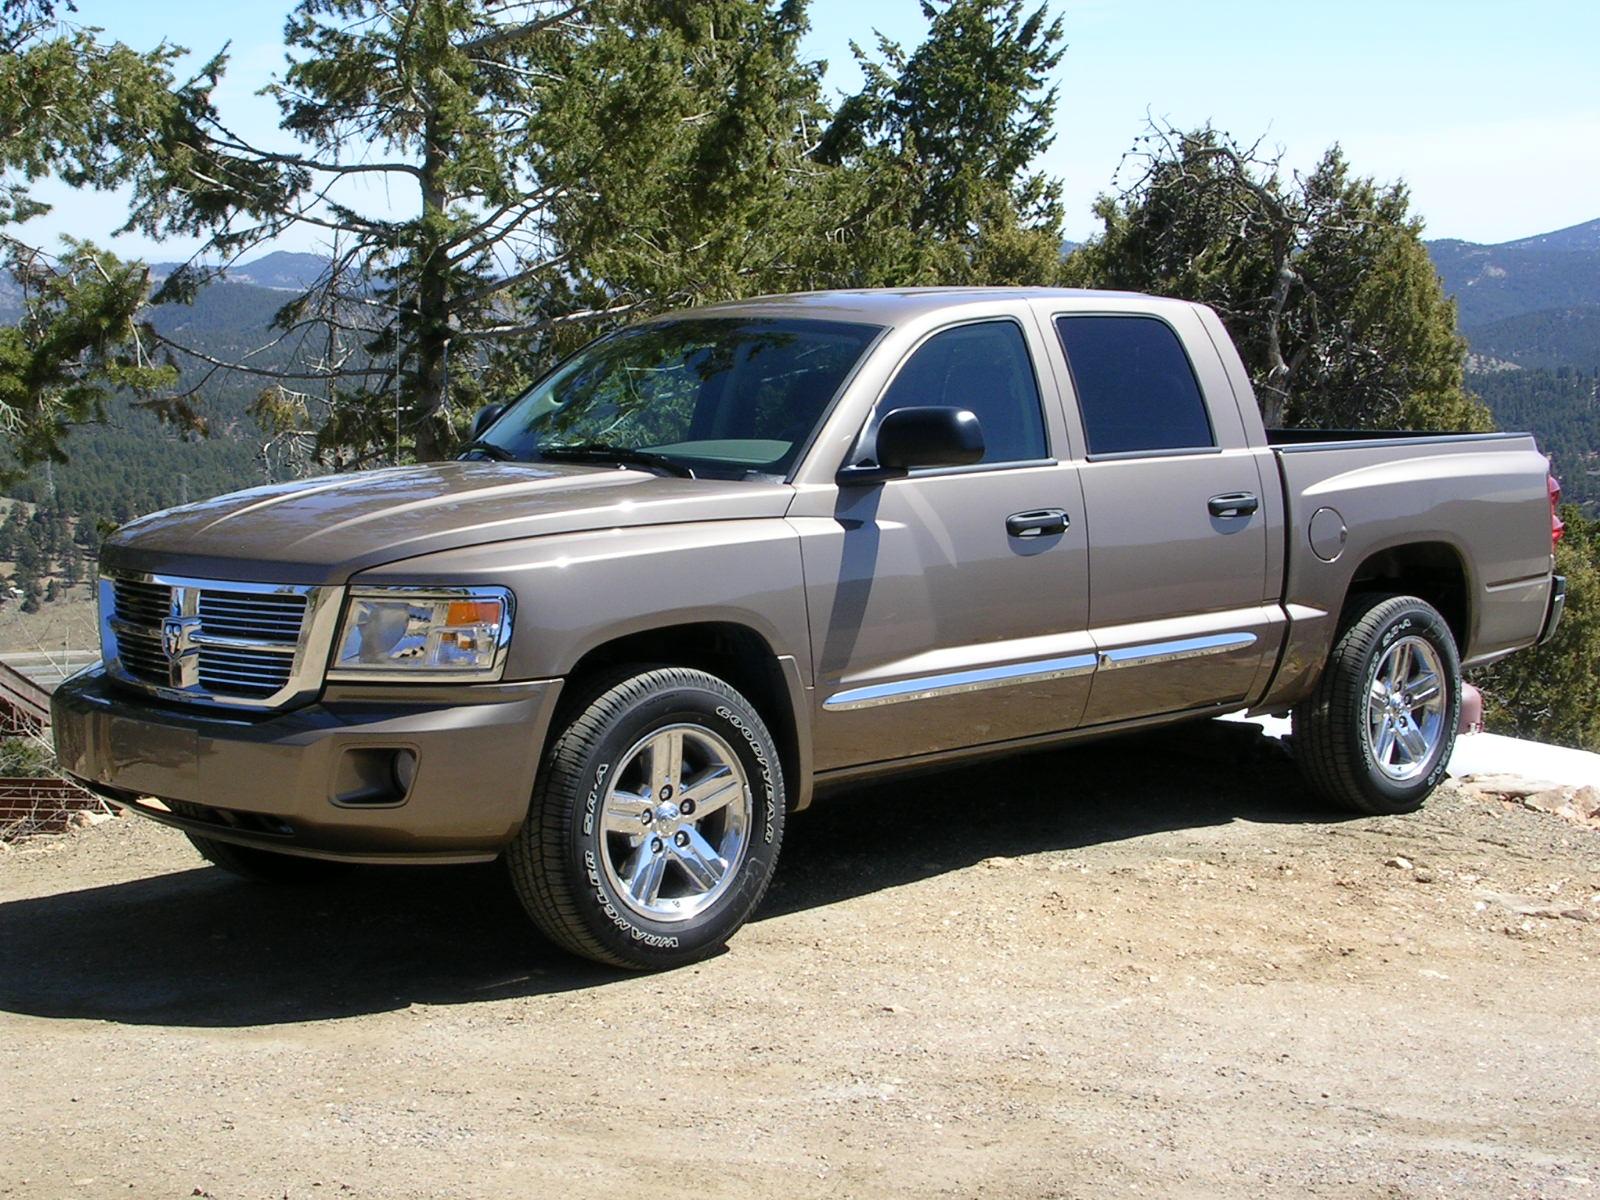 2010 dodge dakota 002 - 2011 Dodge Ram Dakota Laramie Crew Cab 4x2